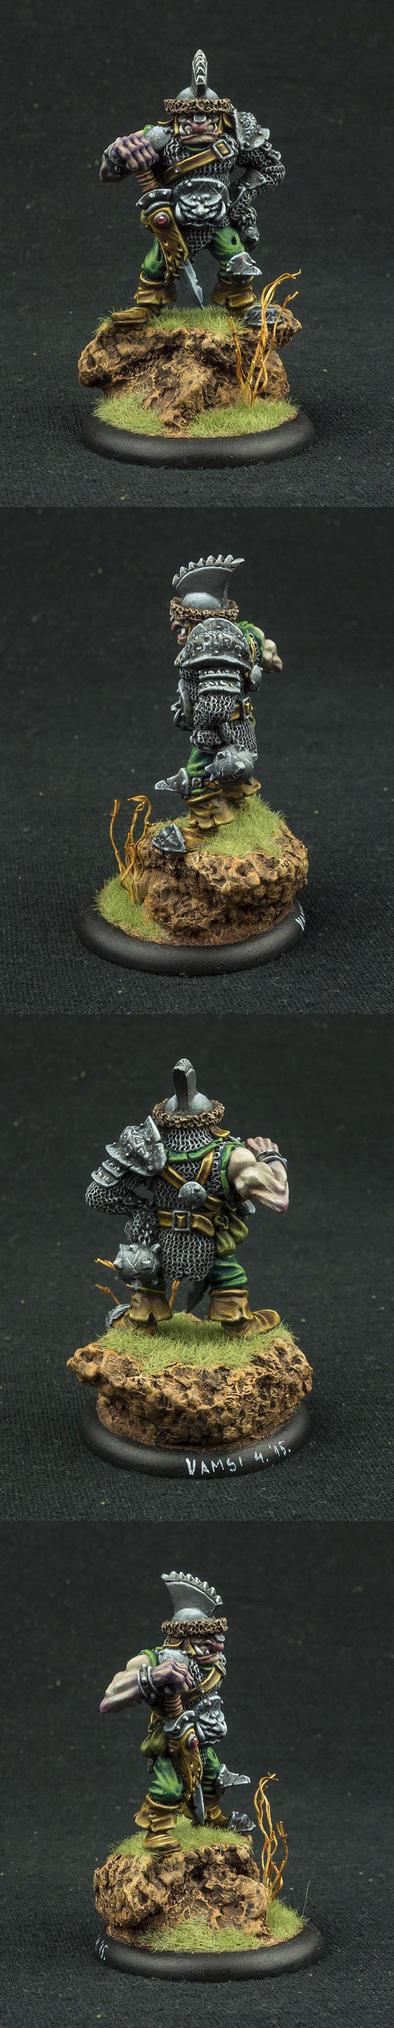 Ogre - Games Workshop by Vanxee